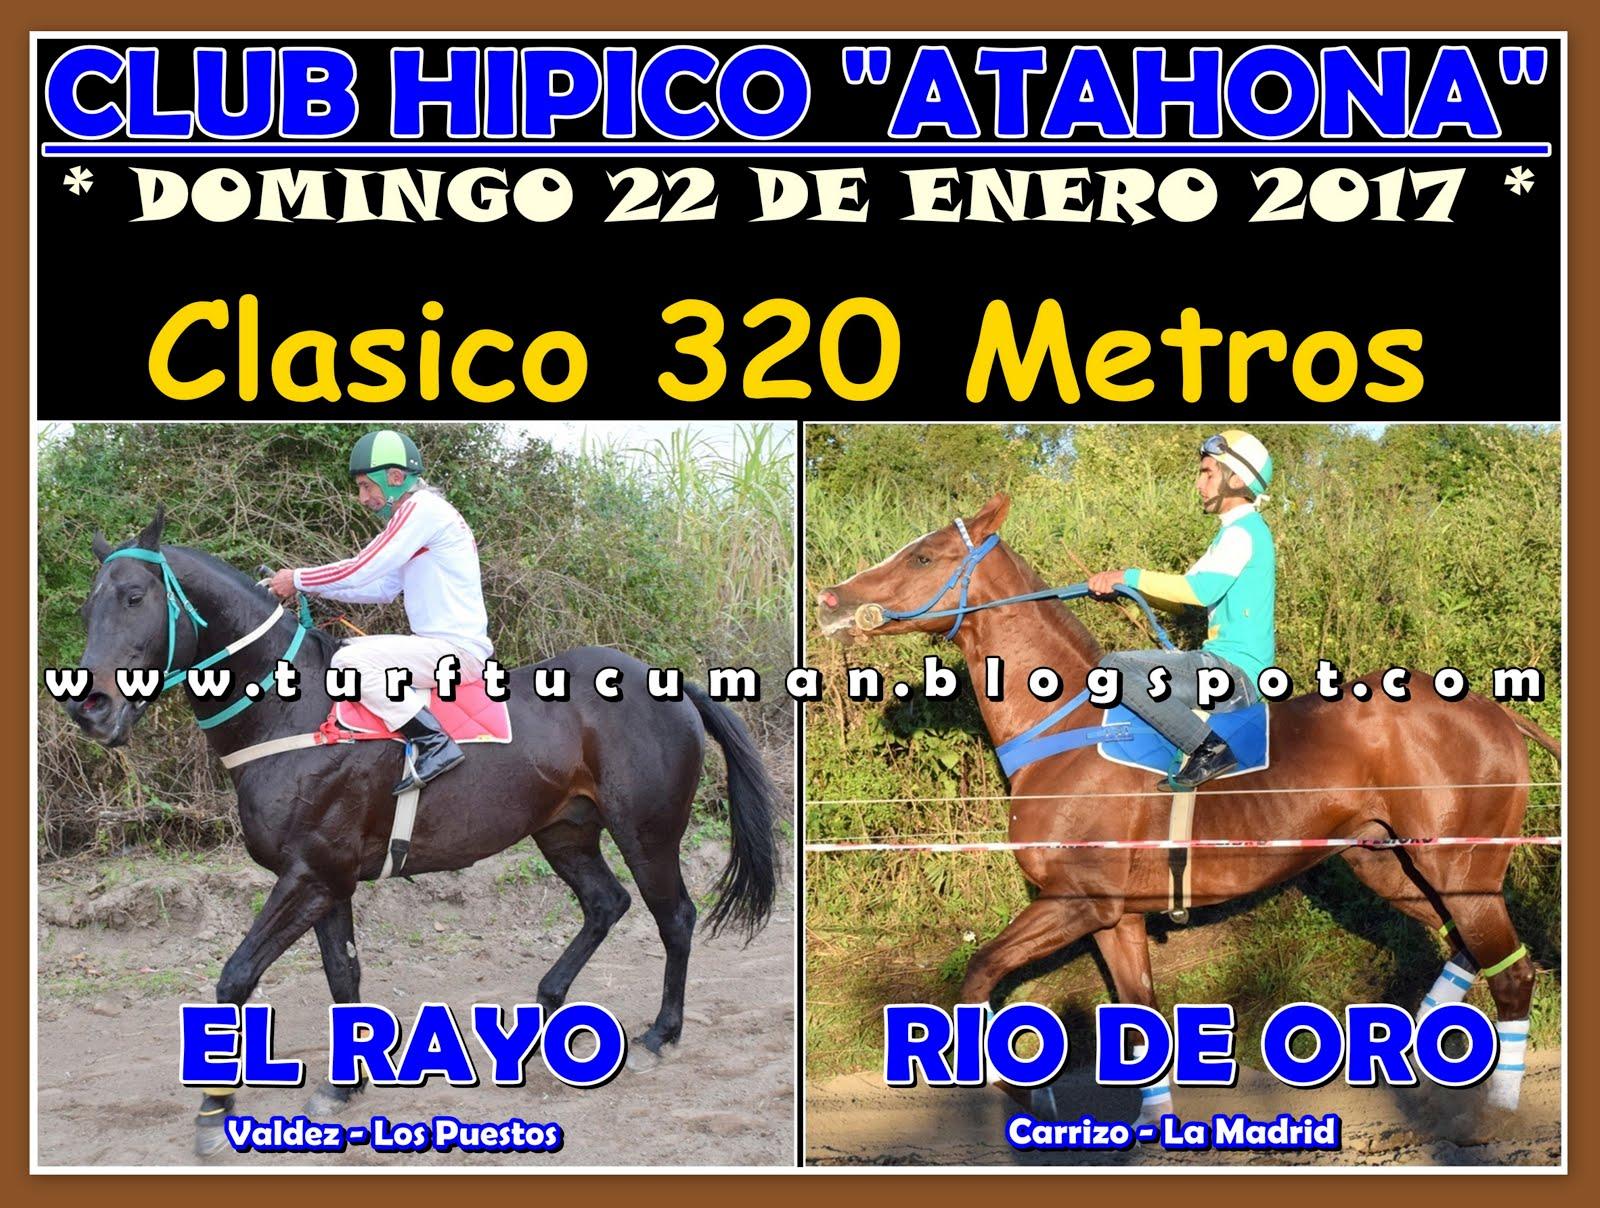 RAYO VS RIO DE ORO